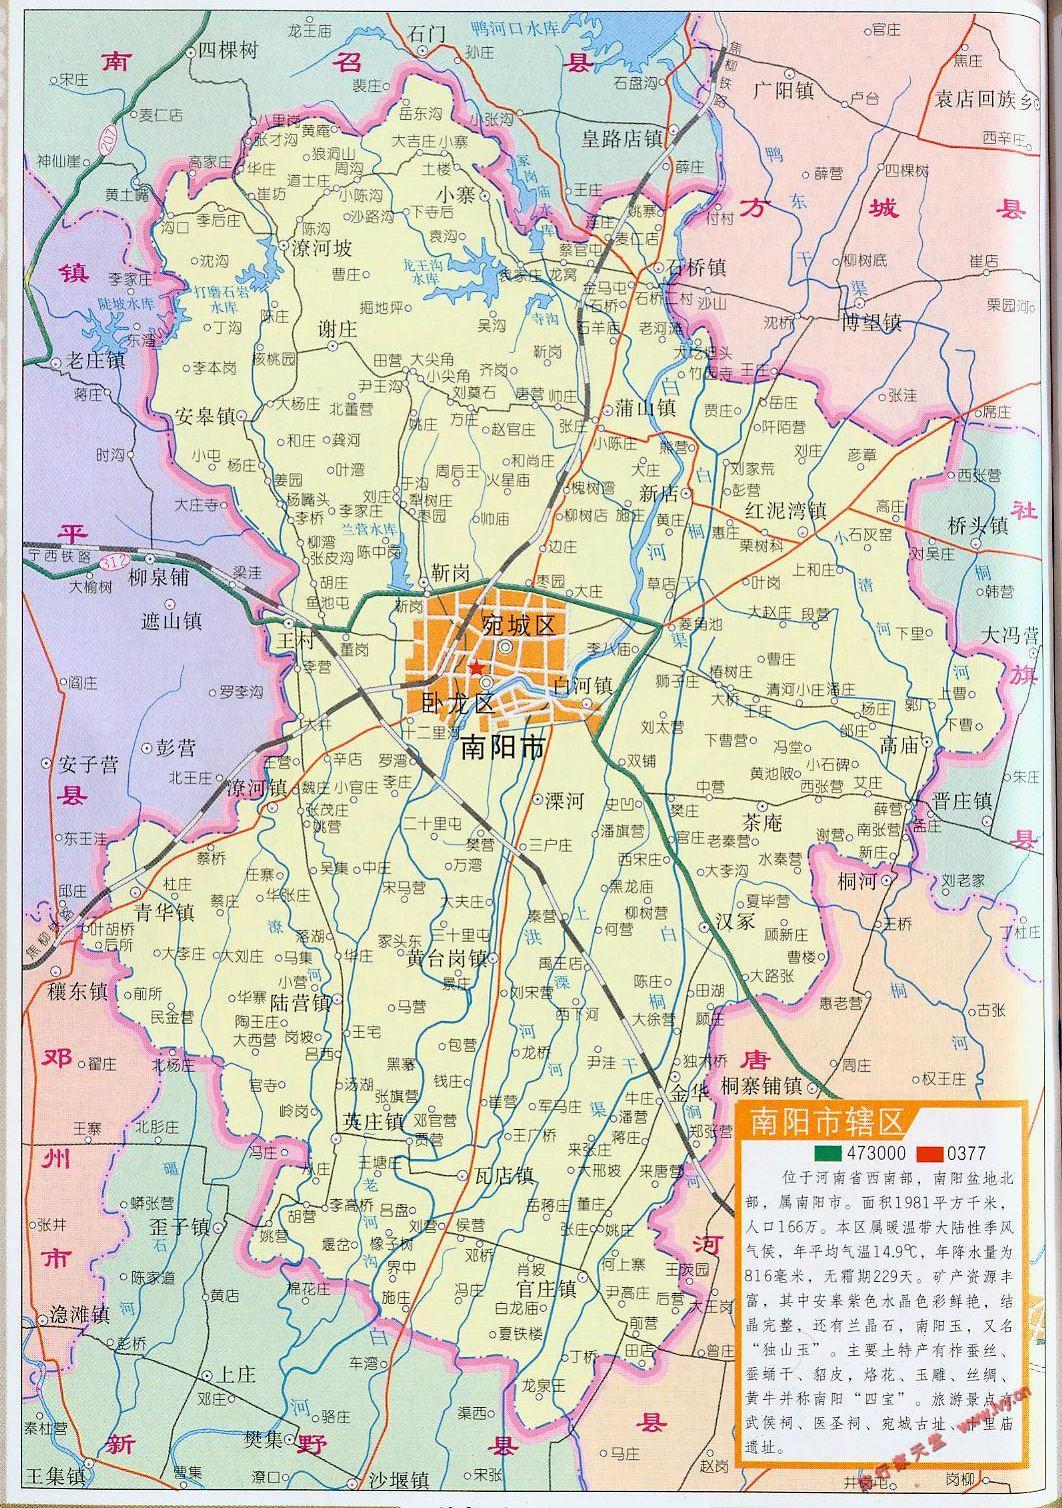 南阳市辖区地图_南阳地图库